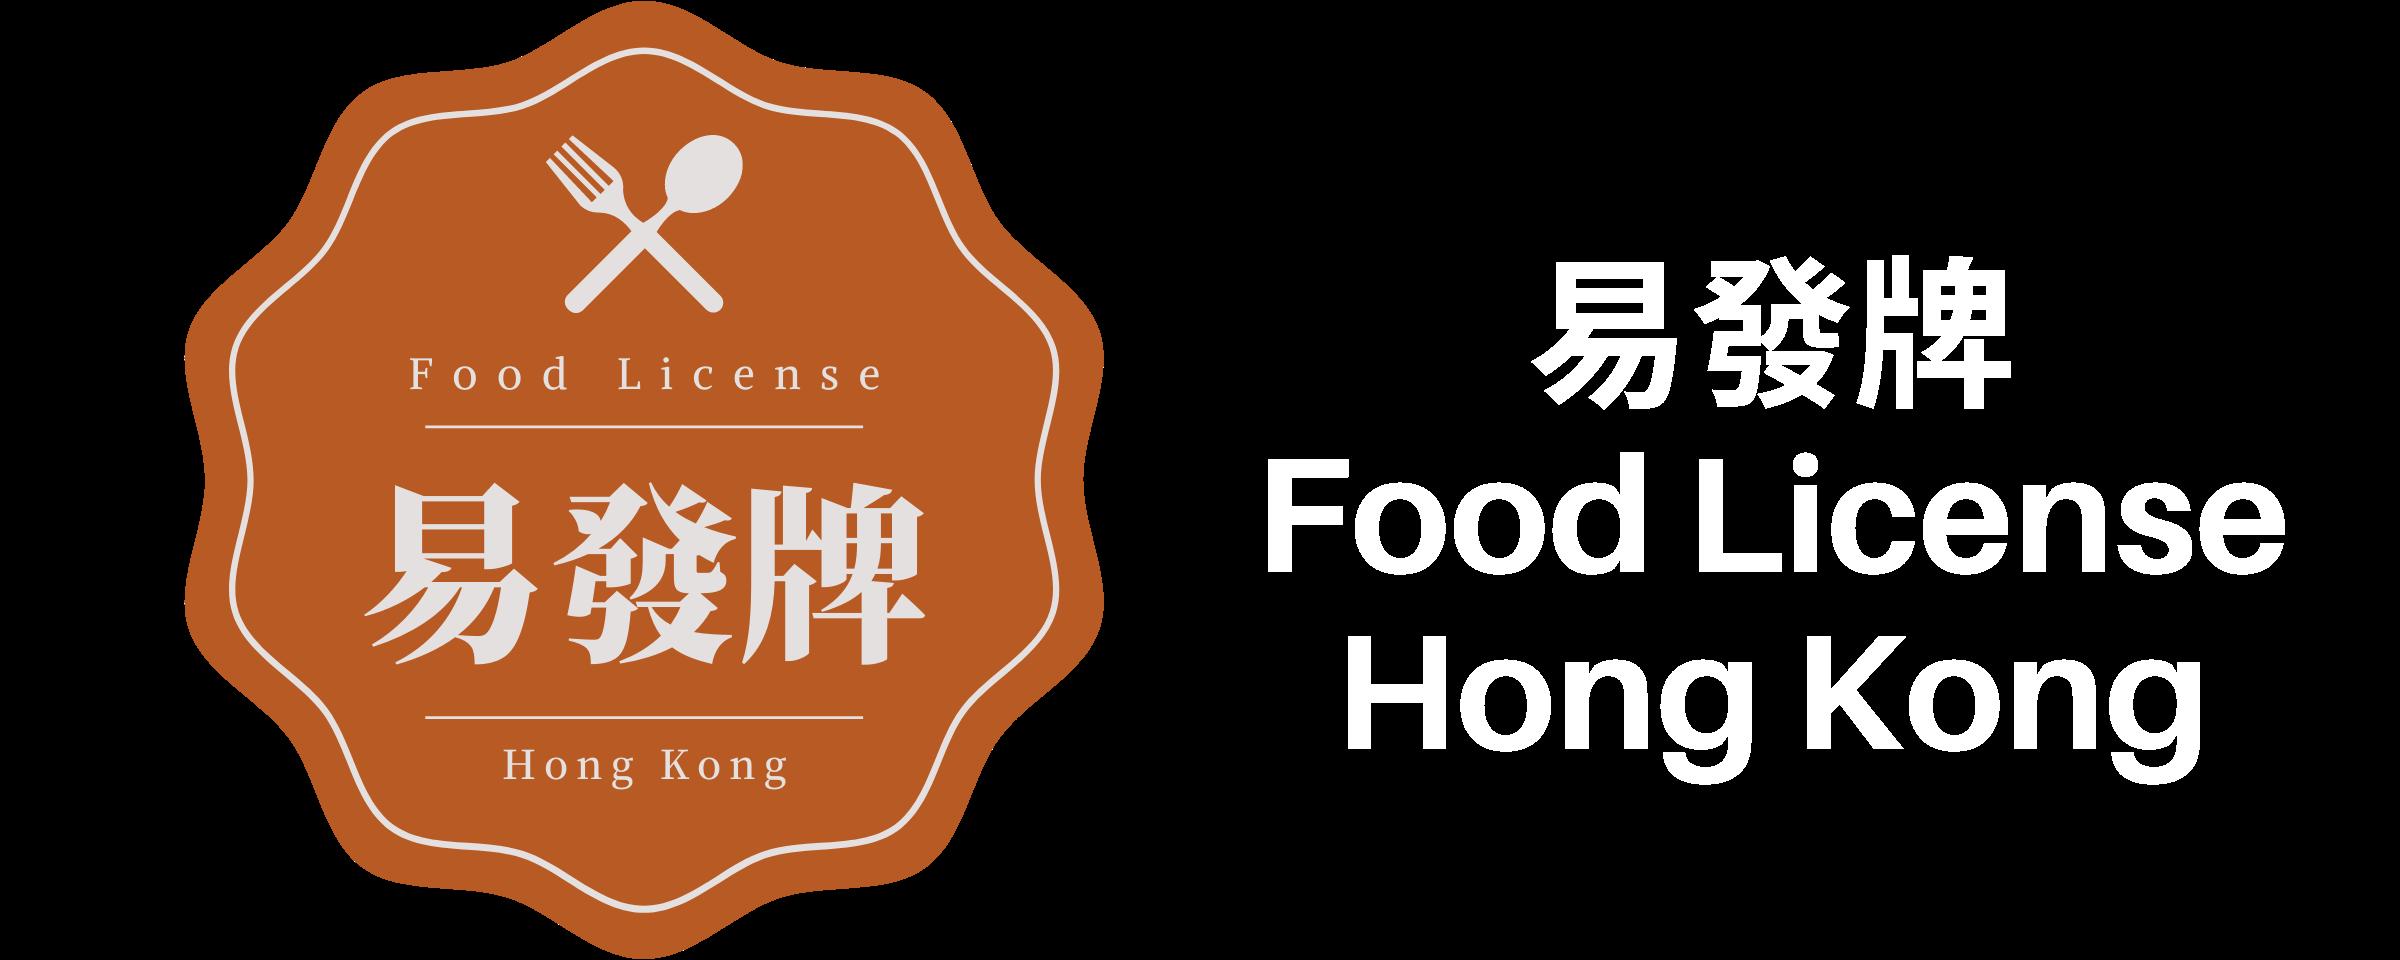 易發牌 (香港) 餐廳食肆牌照申請